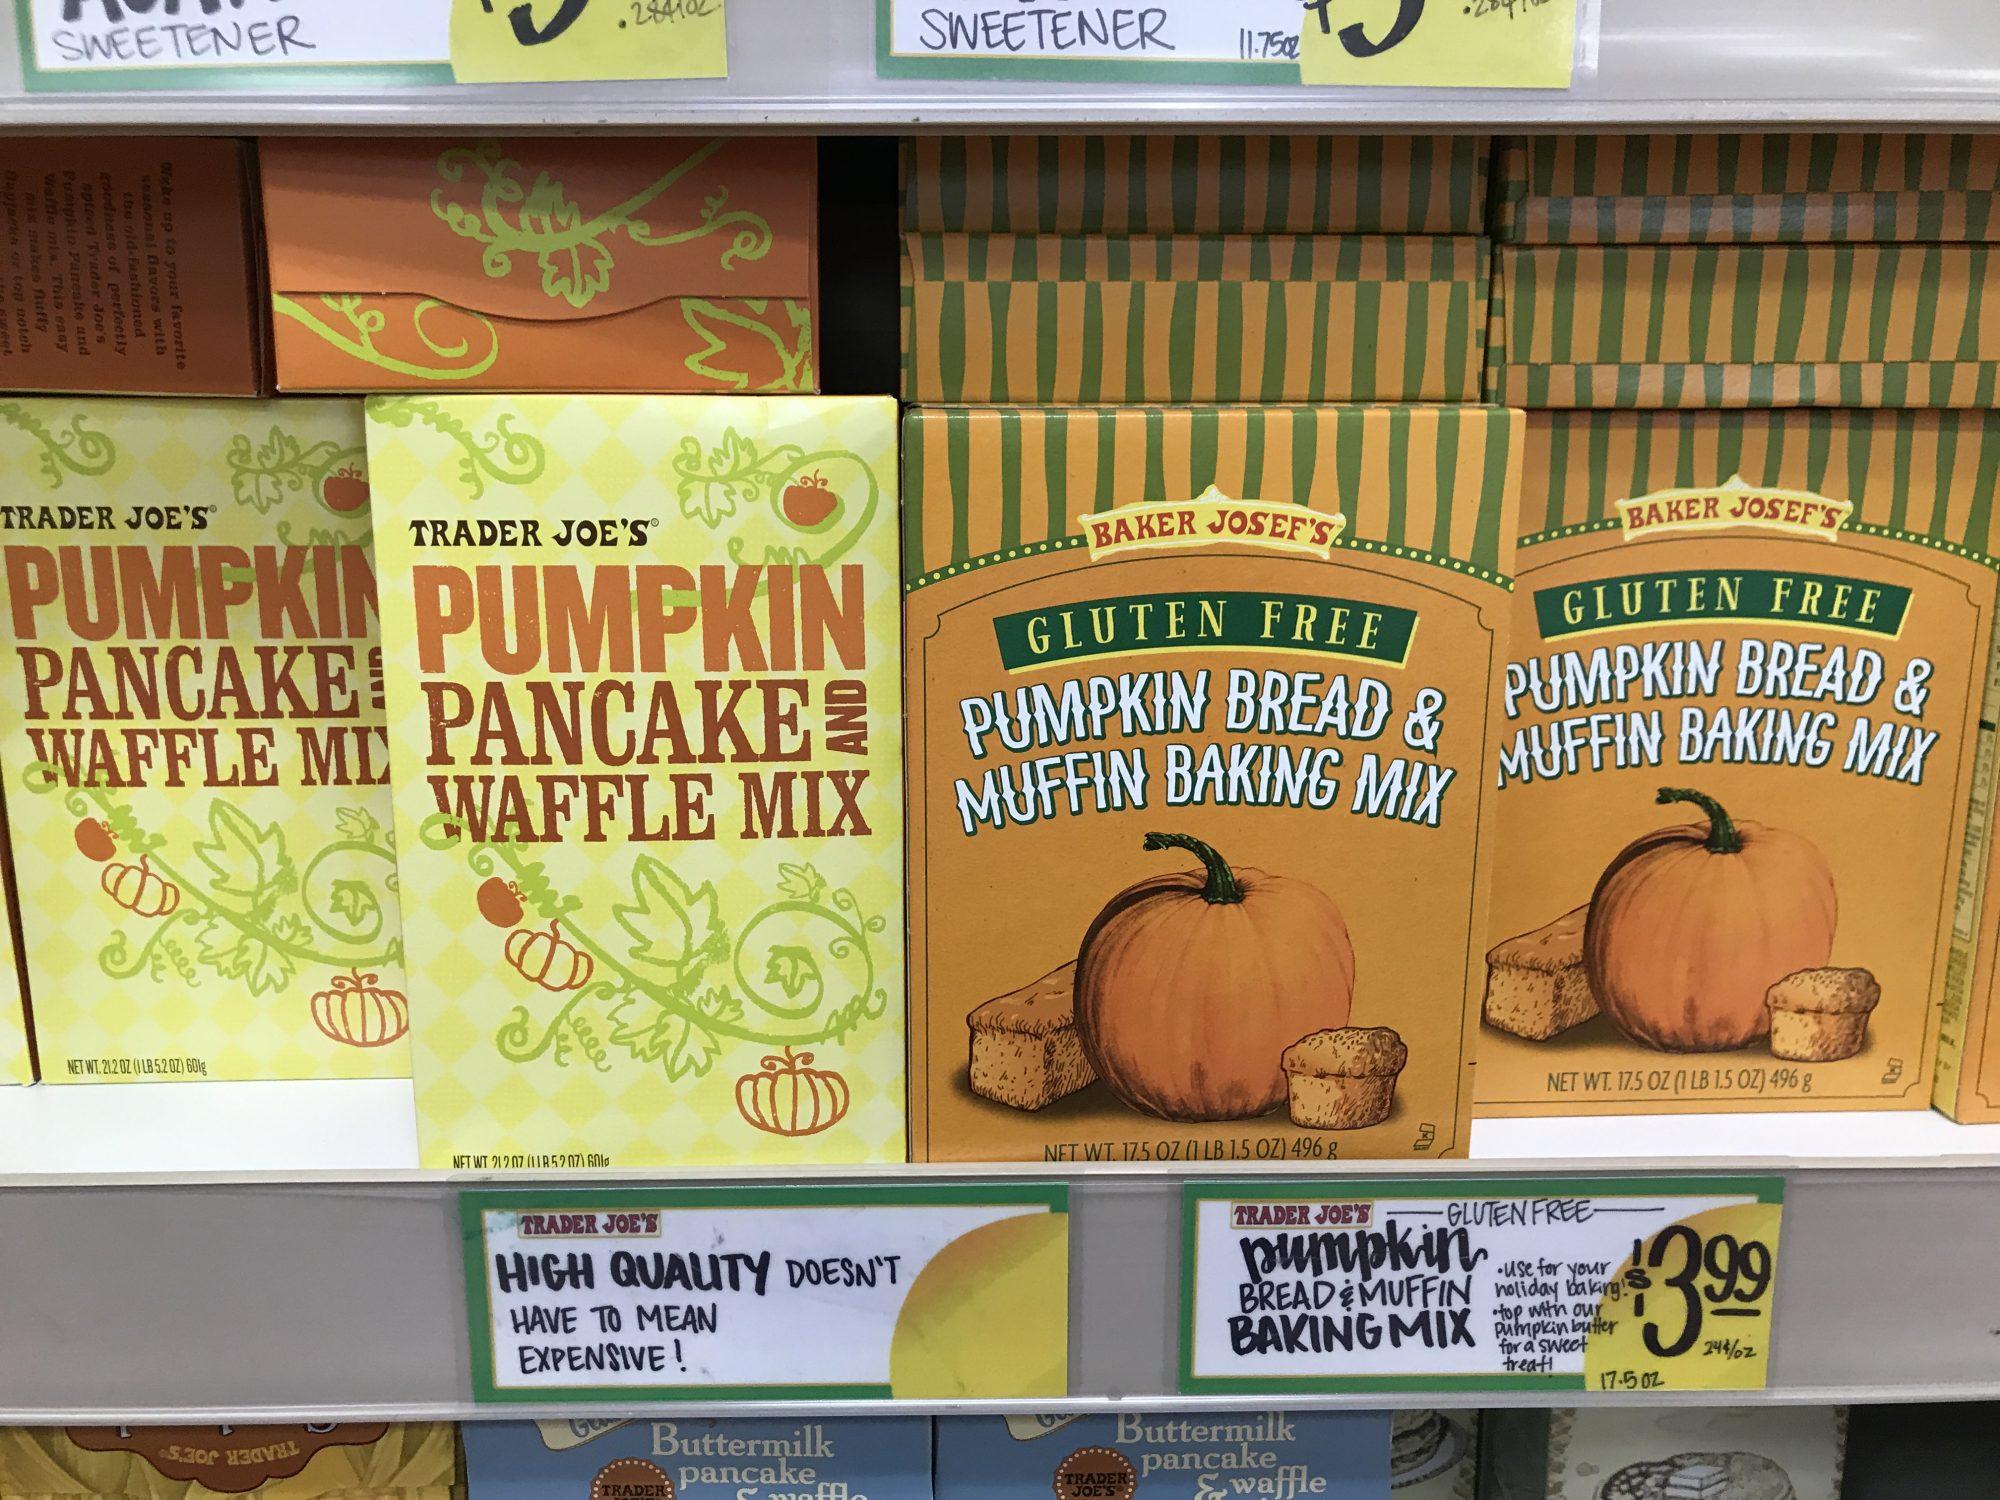 TJ's Pumpkin Pancake Mix